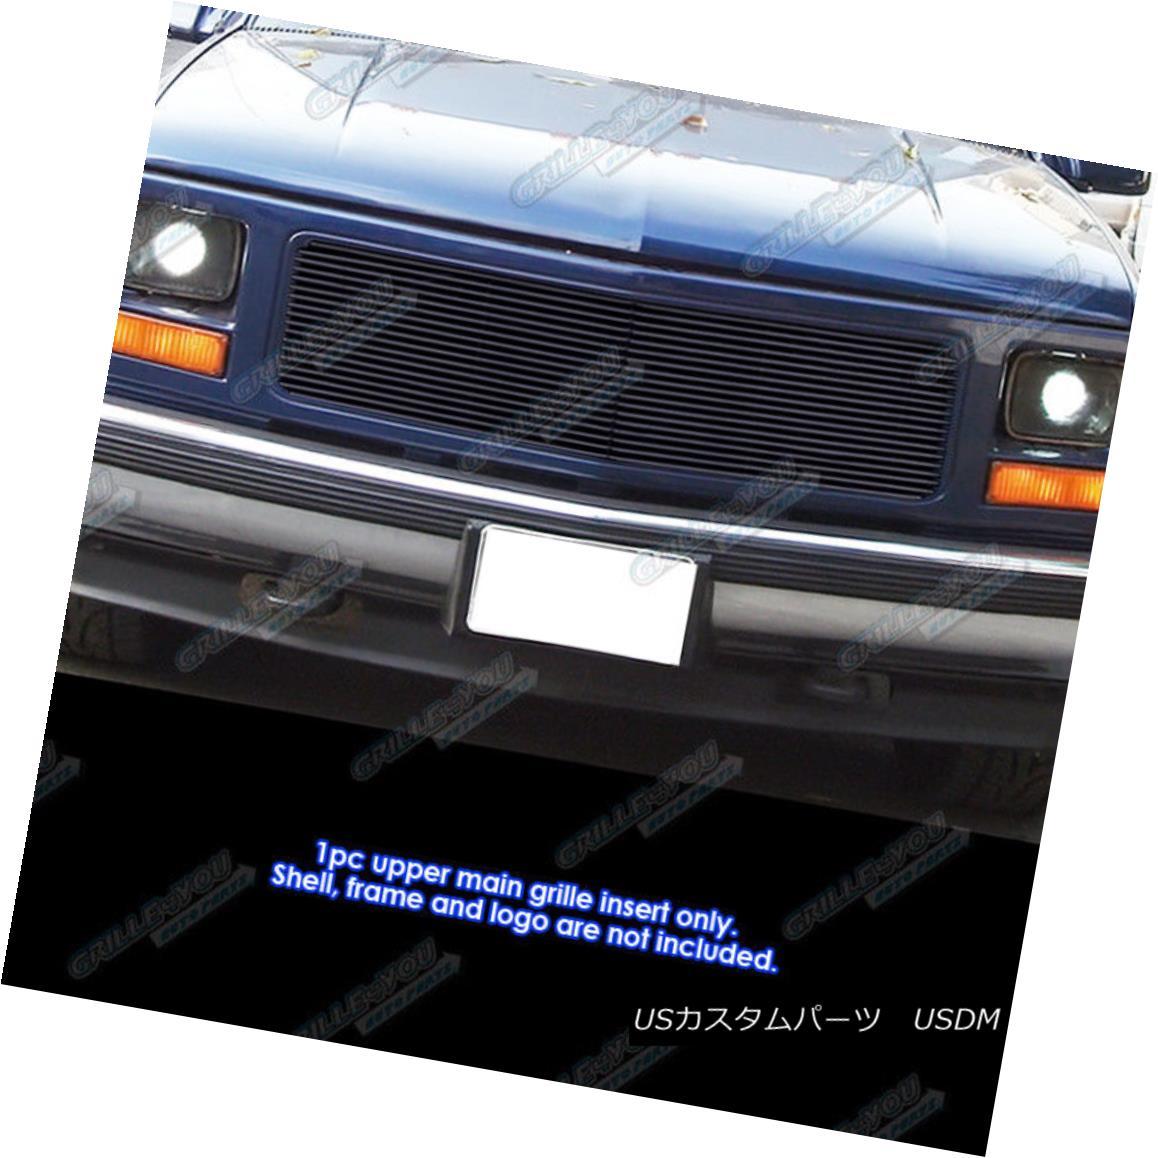 グリル For 94-98 GMC C/K Pickup/94-99 Suburban/Yukon Single Lights Black Billet Grille 94-98 GMC C / Kピックアップ/ 94-99郊外/ユーコンシングルライトブラックビレットグリル